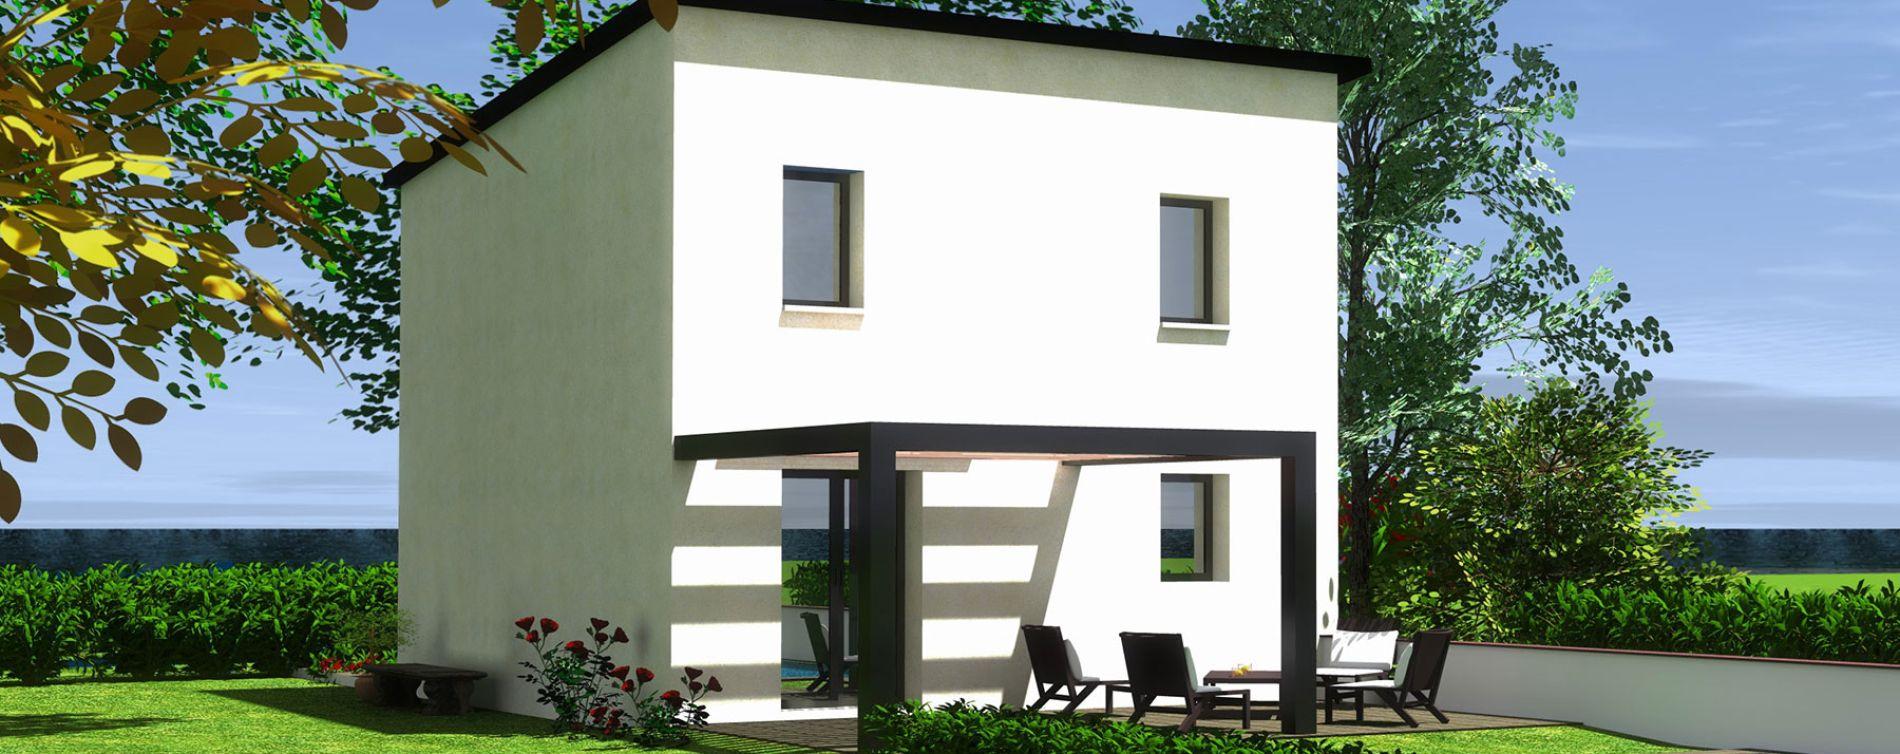 Brélès : programme immobilier neuve « Le Chemin de Kergroadez » (4)